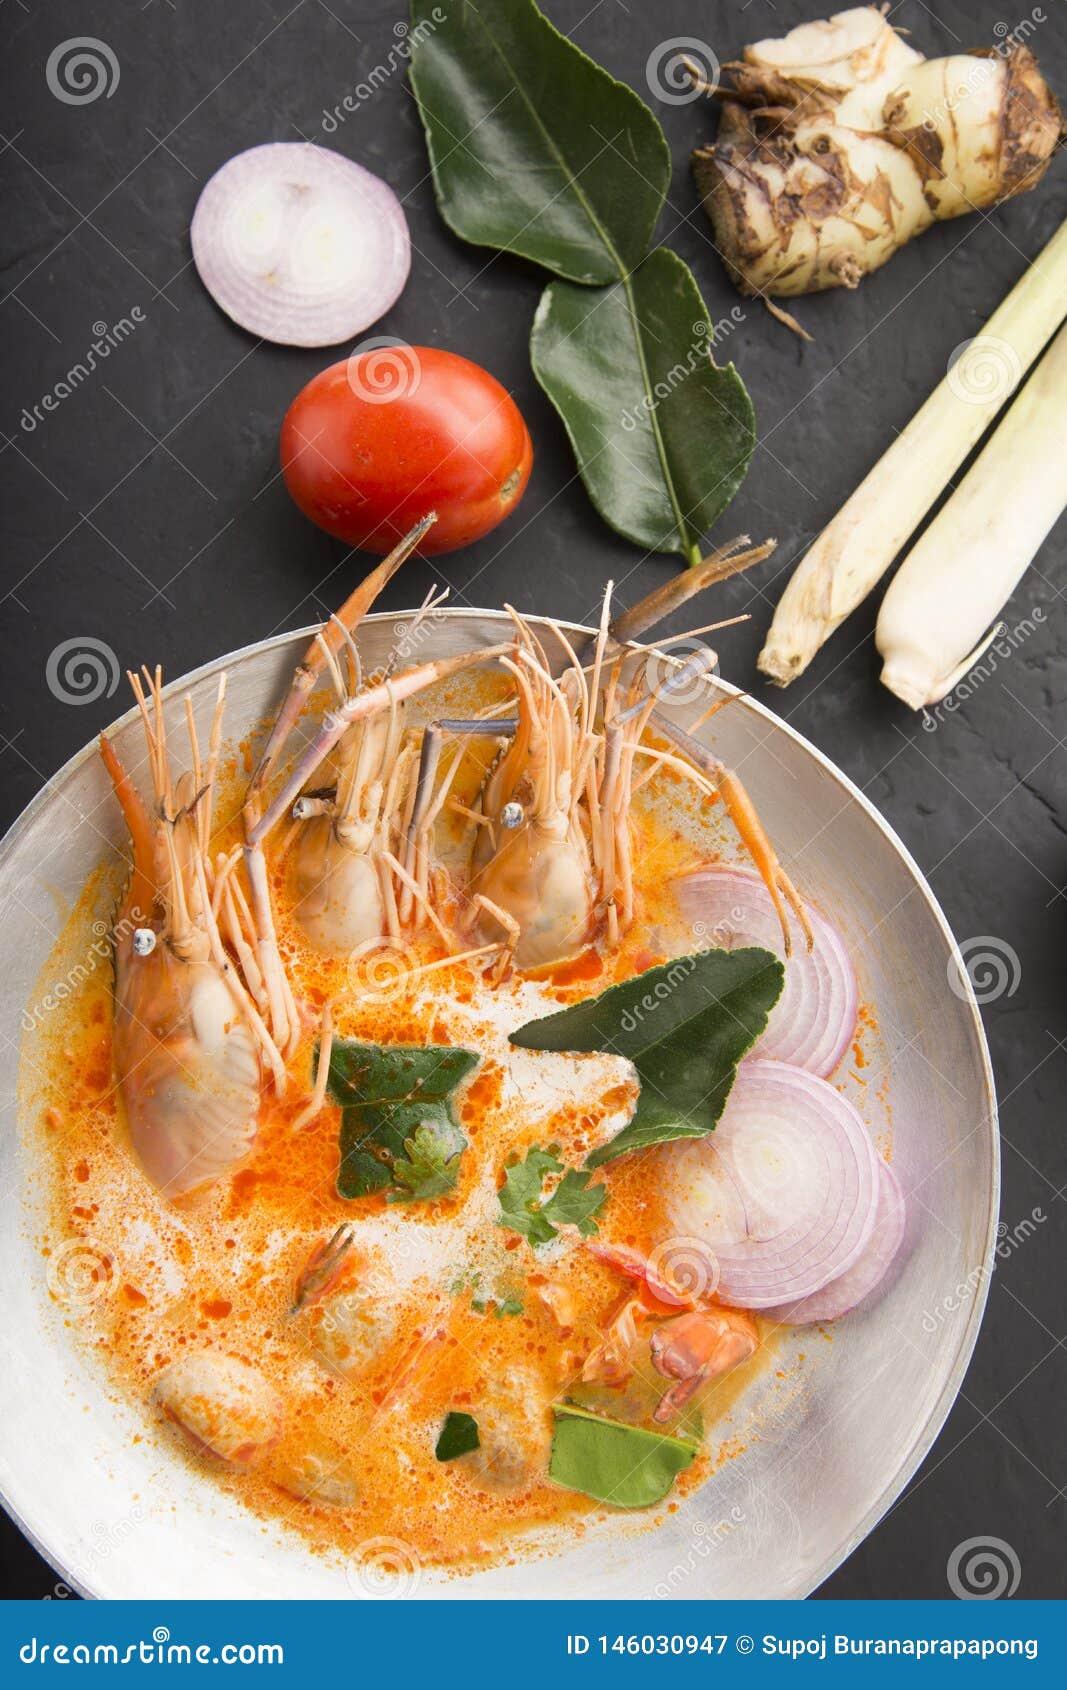 Tom-yum kung oder Tom-Jamswurzel kung ist eine Art heiße und saure famouse Nahrung im Lao und in der thailändischen Suppe, normal